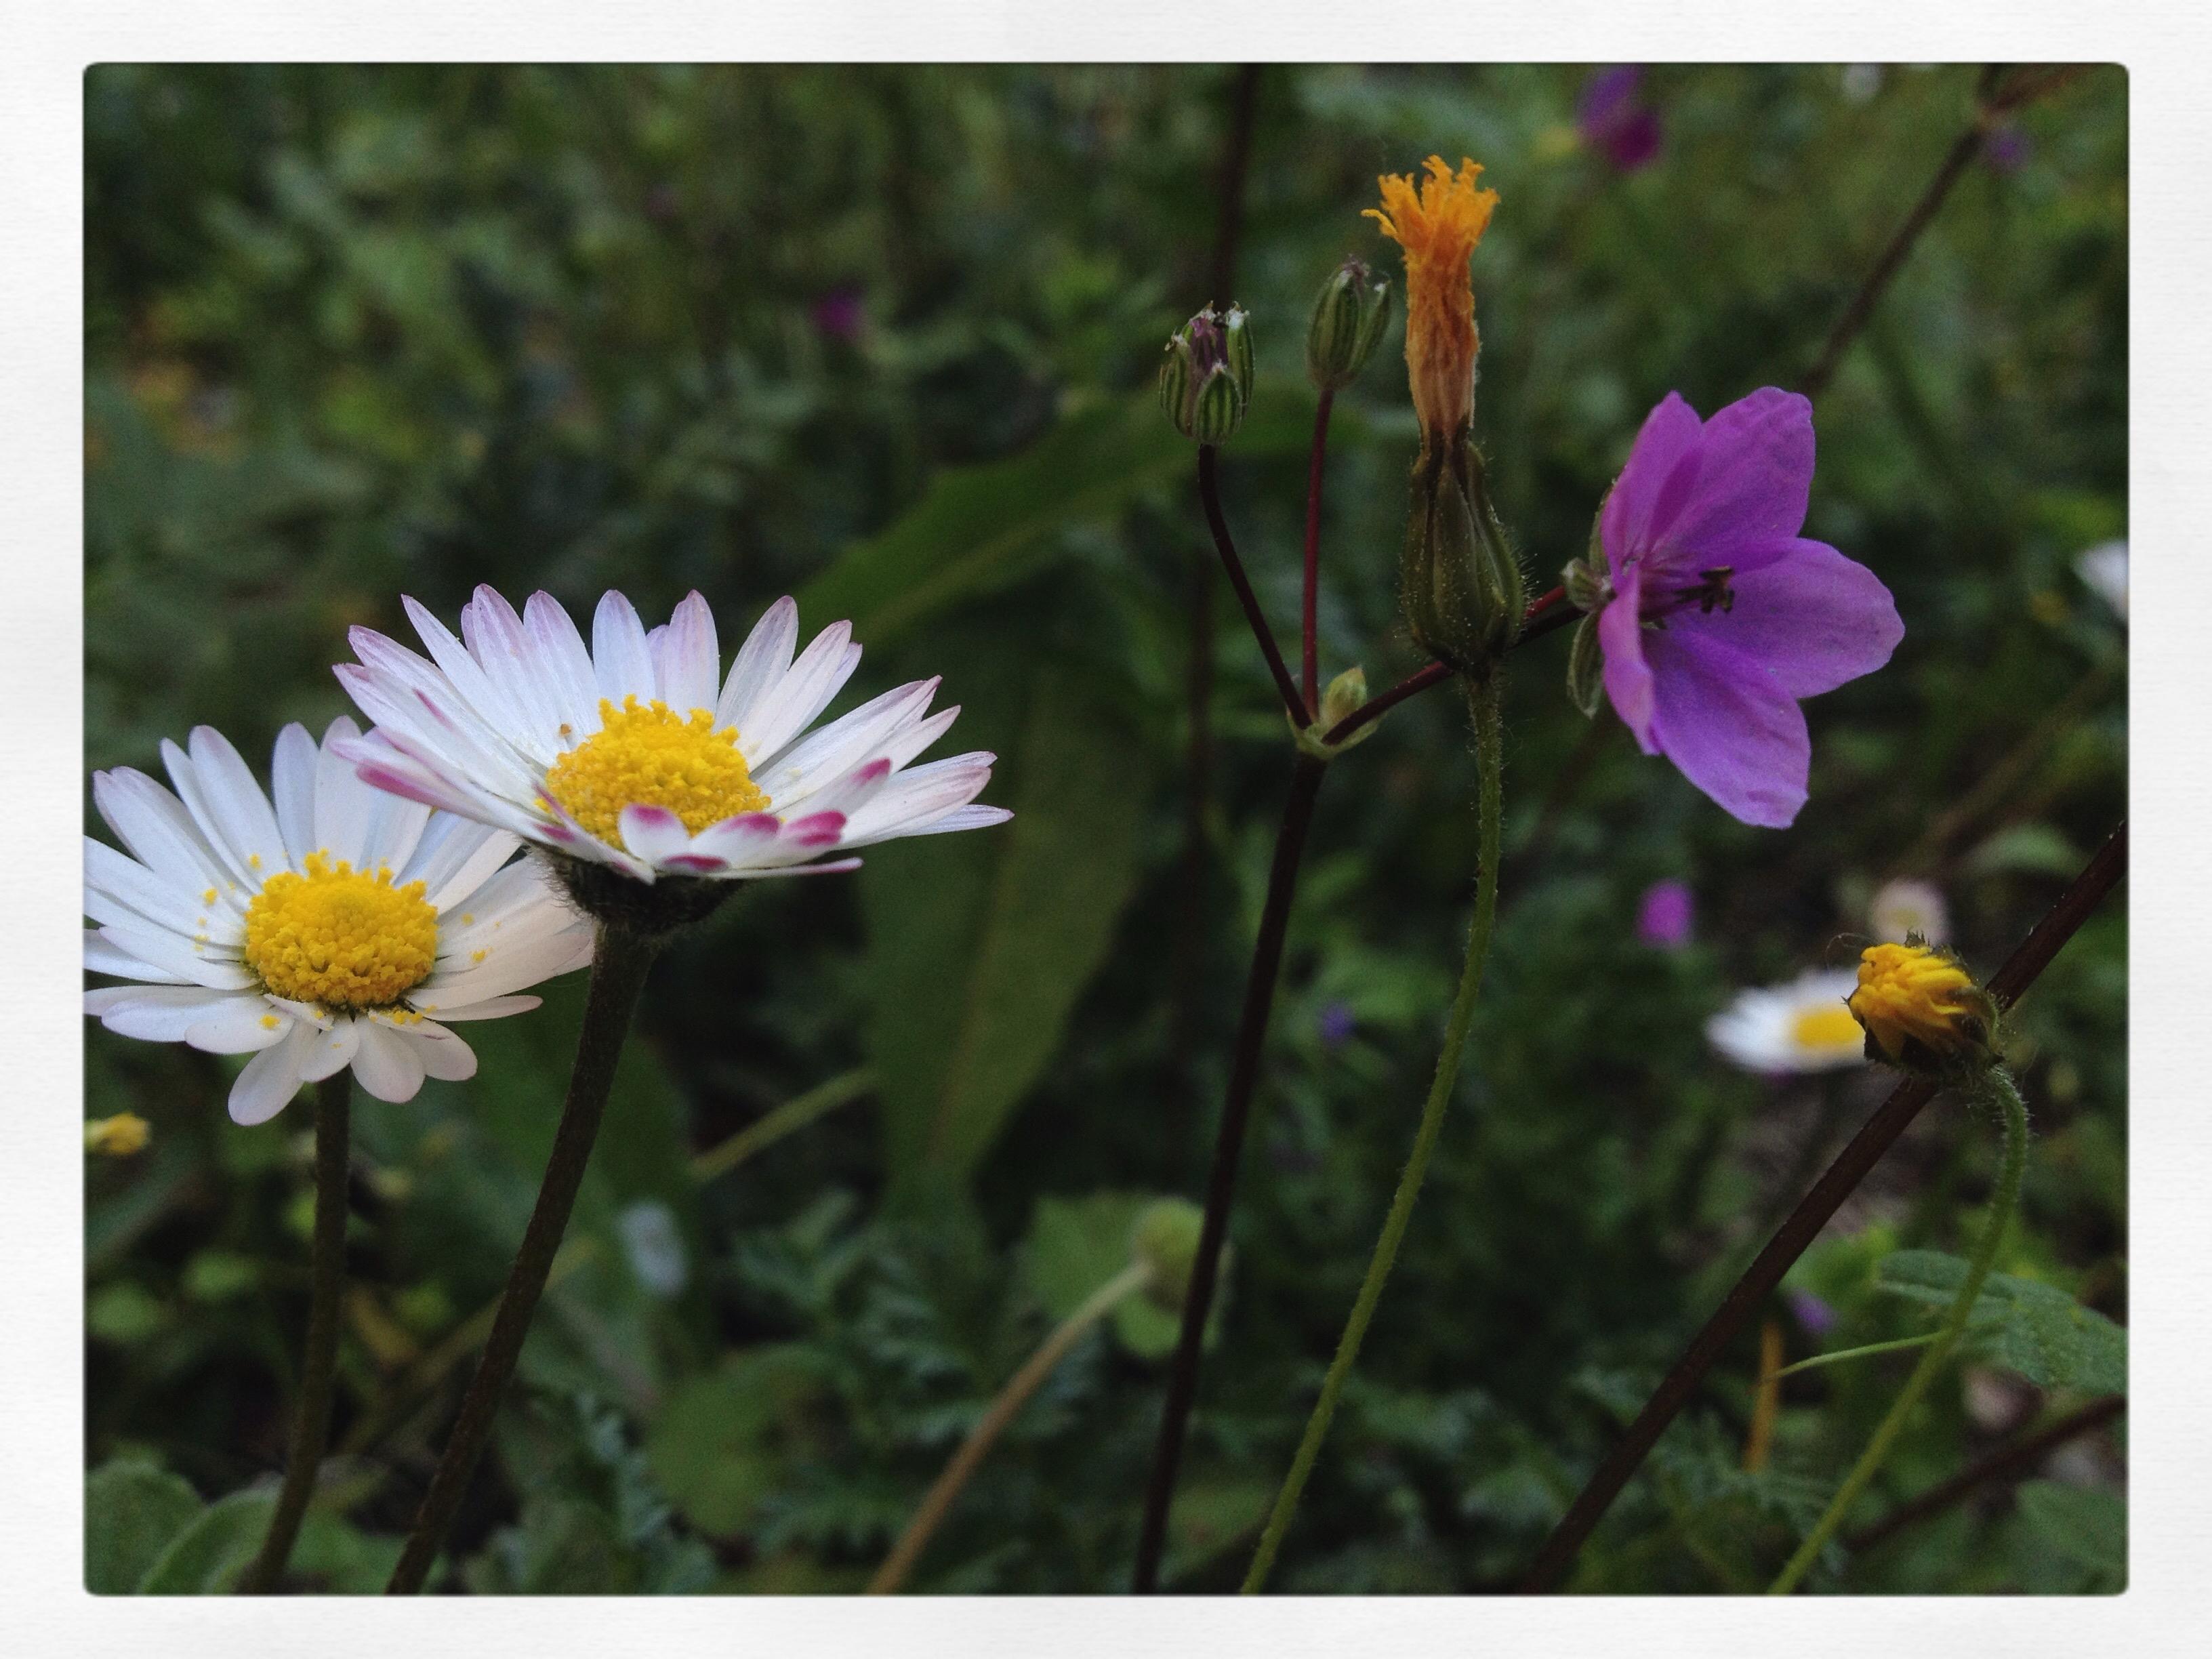 [Image du jour] et des fleurs